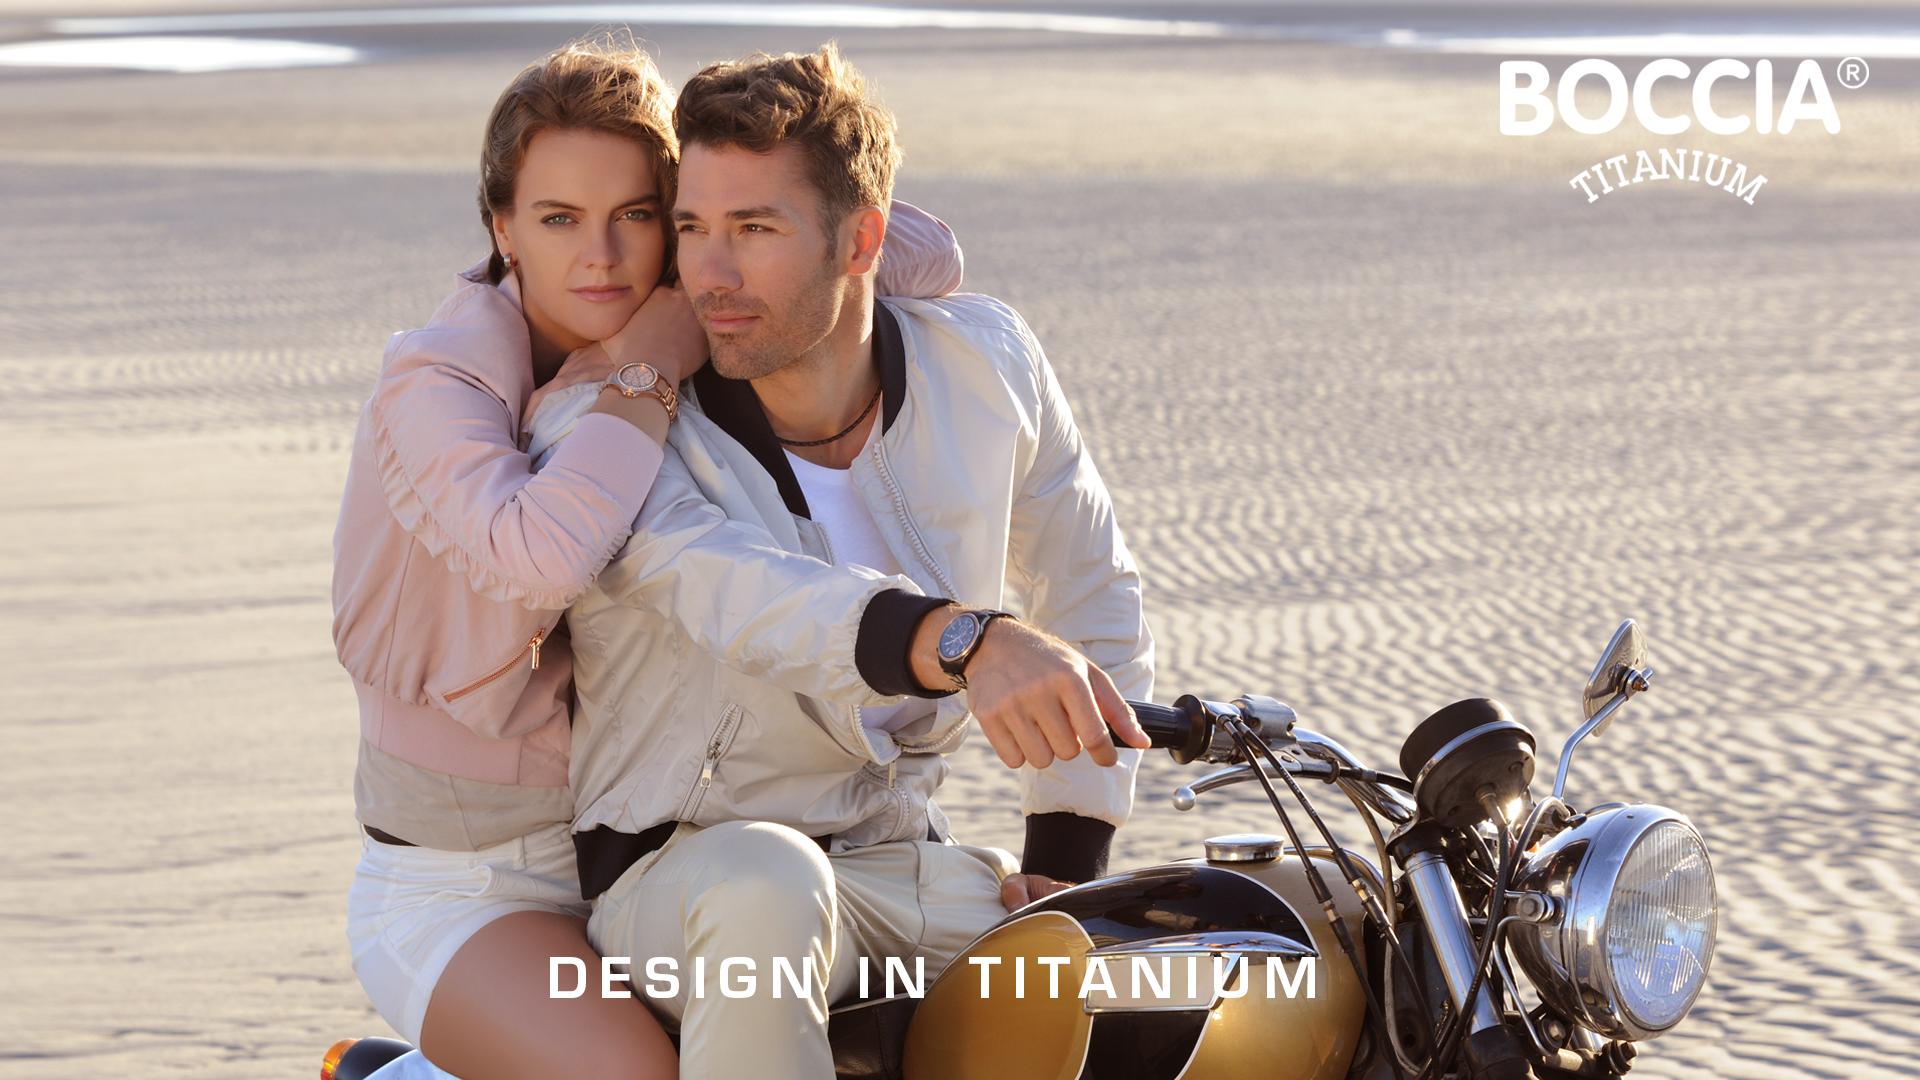 Boccia Titanium Uhren für Damen und Herren Slider Bild 1